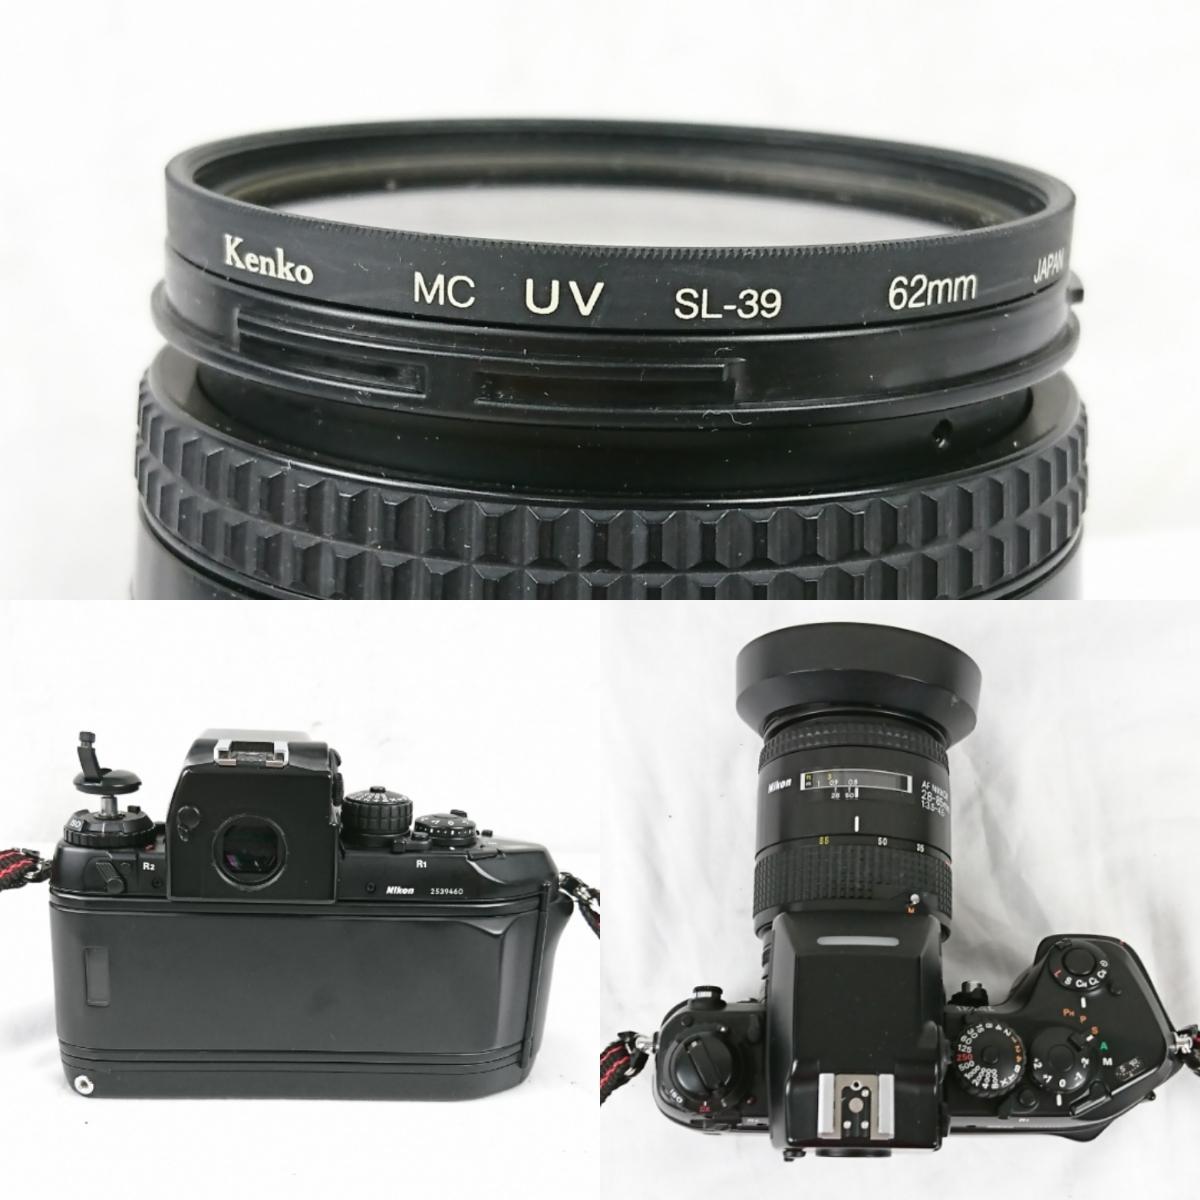 【GK-203】 Nikon ニコン カメラ F4 レンズ AF オートフォーカス Nikon ED AF NIKKOR 80-200mm AF NIKKOR 70-210mm NIKKOR 28-85mm_画像3